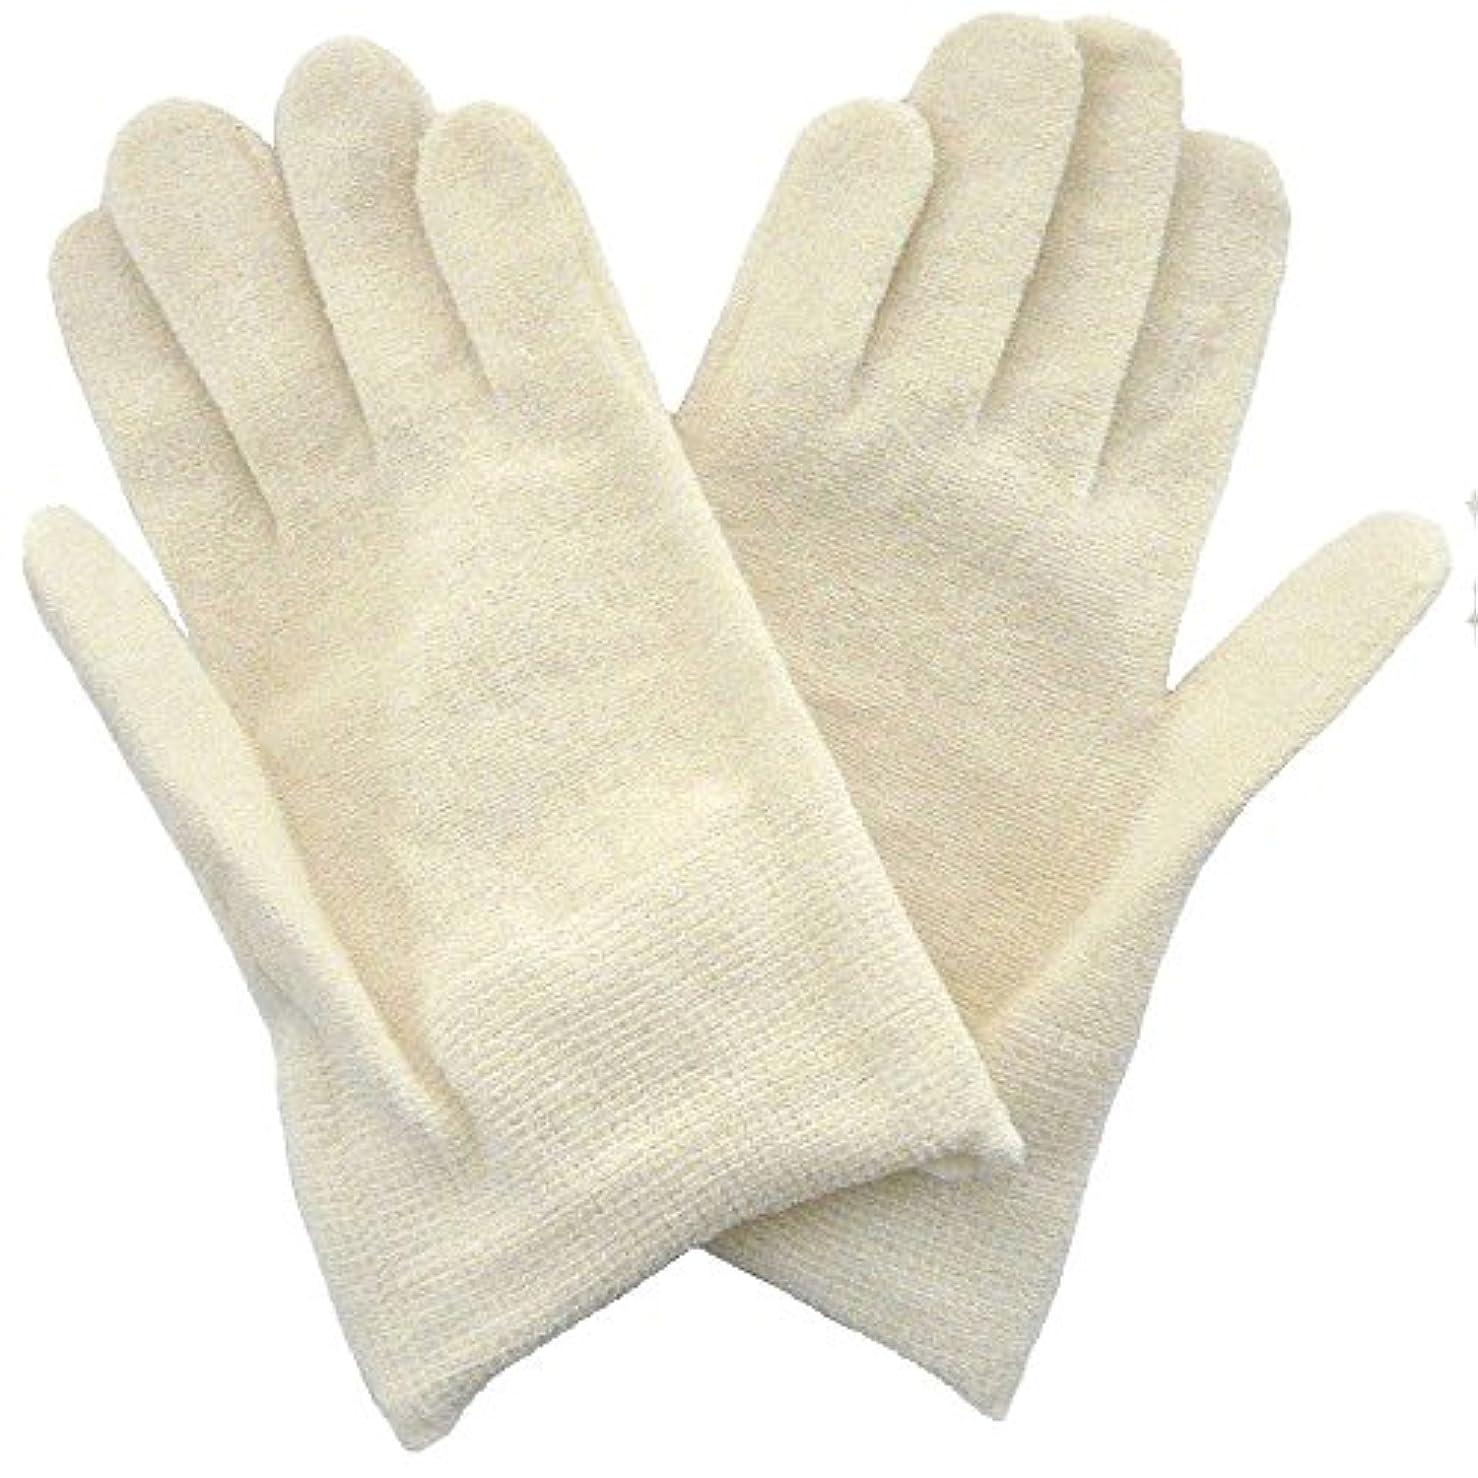 一月白菜ヘルメット【アトピー】【水疱瘡】【皮膚炎】 ナノミックス おやすみ手袋:キッズ用 アイボリー